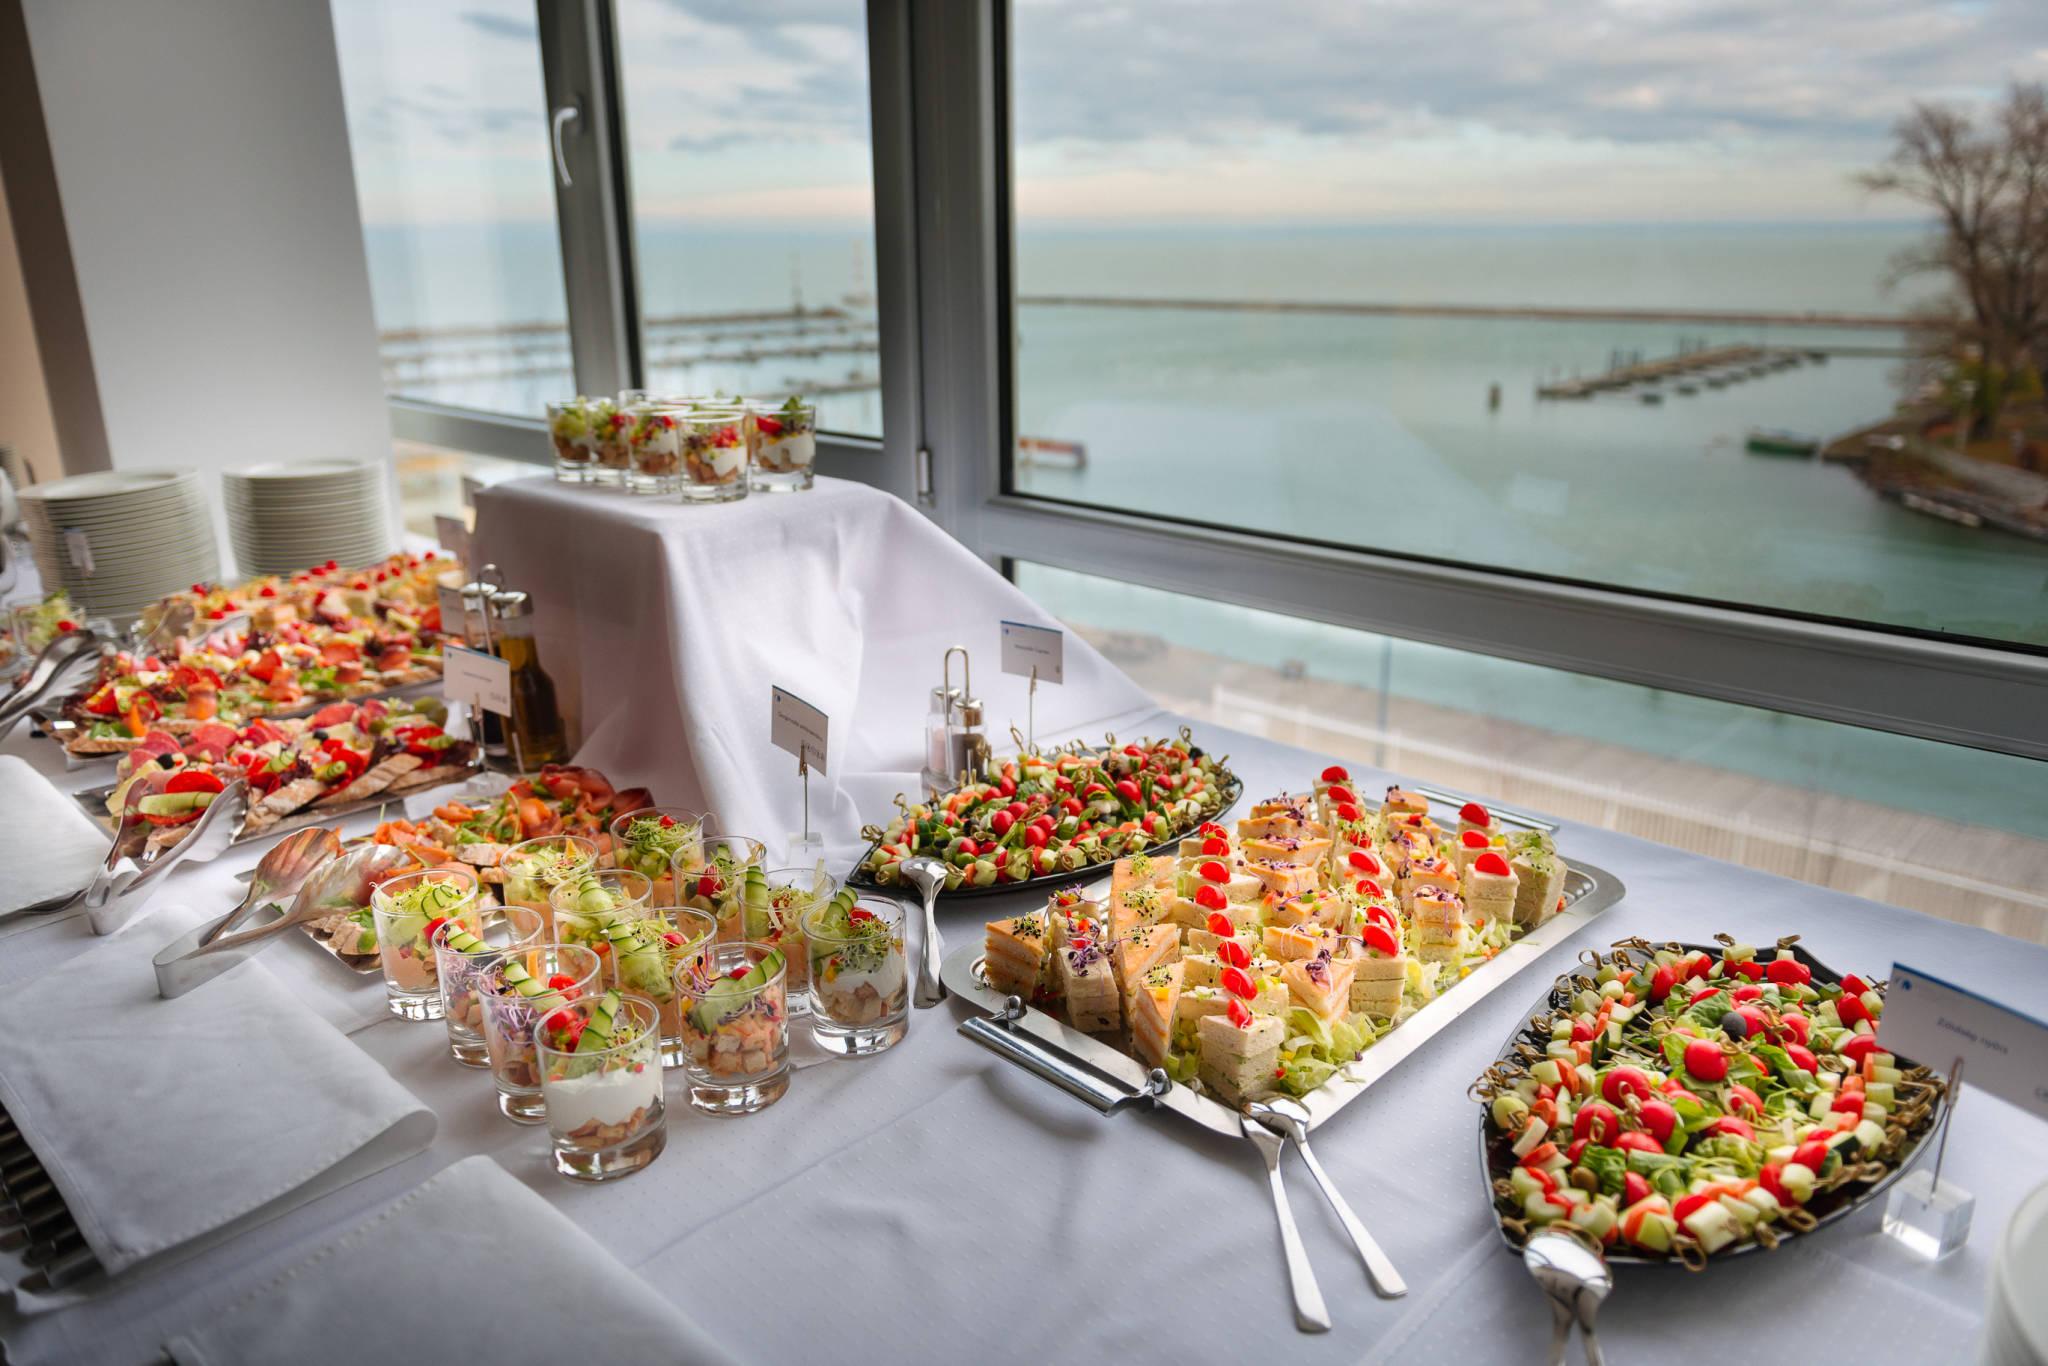 Hotel Yacht Wellness & Business Siófok - Rendezvény - kávészünet